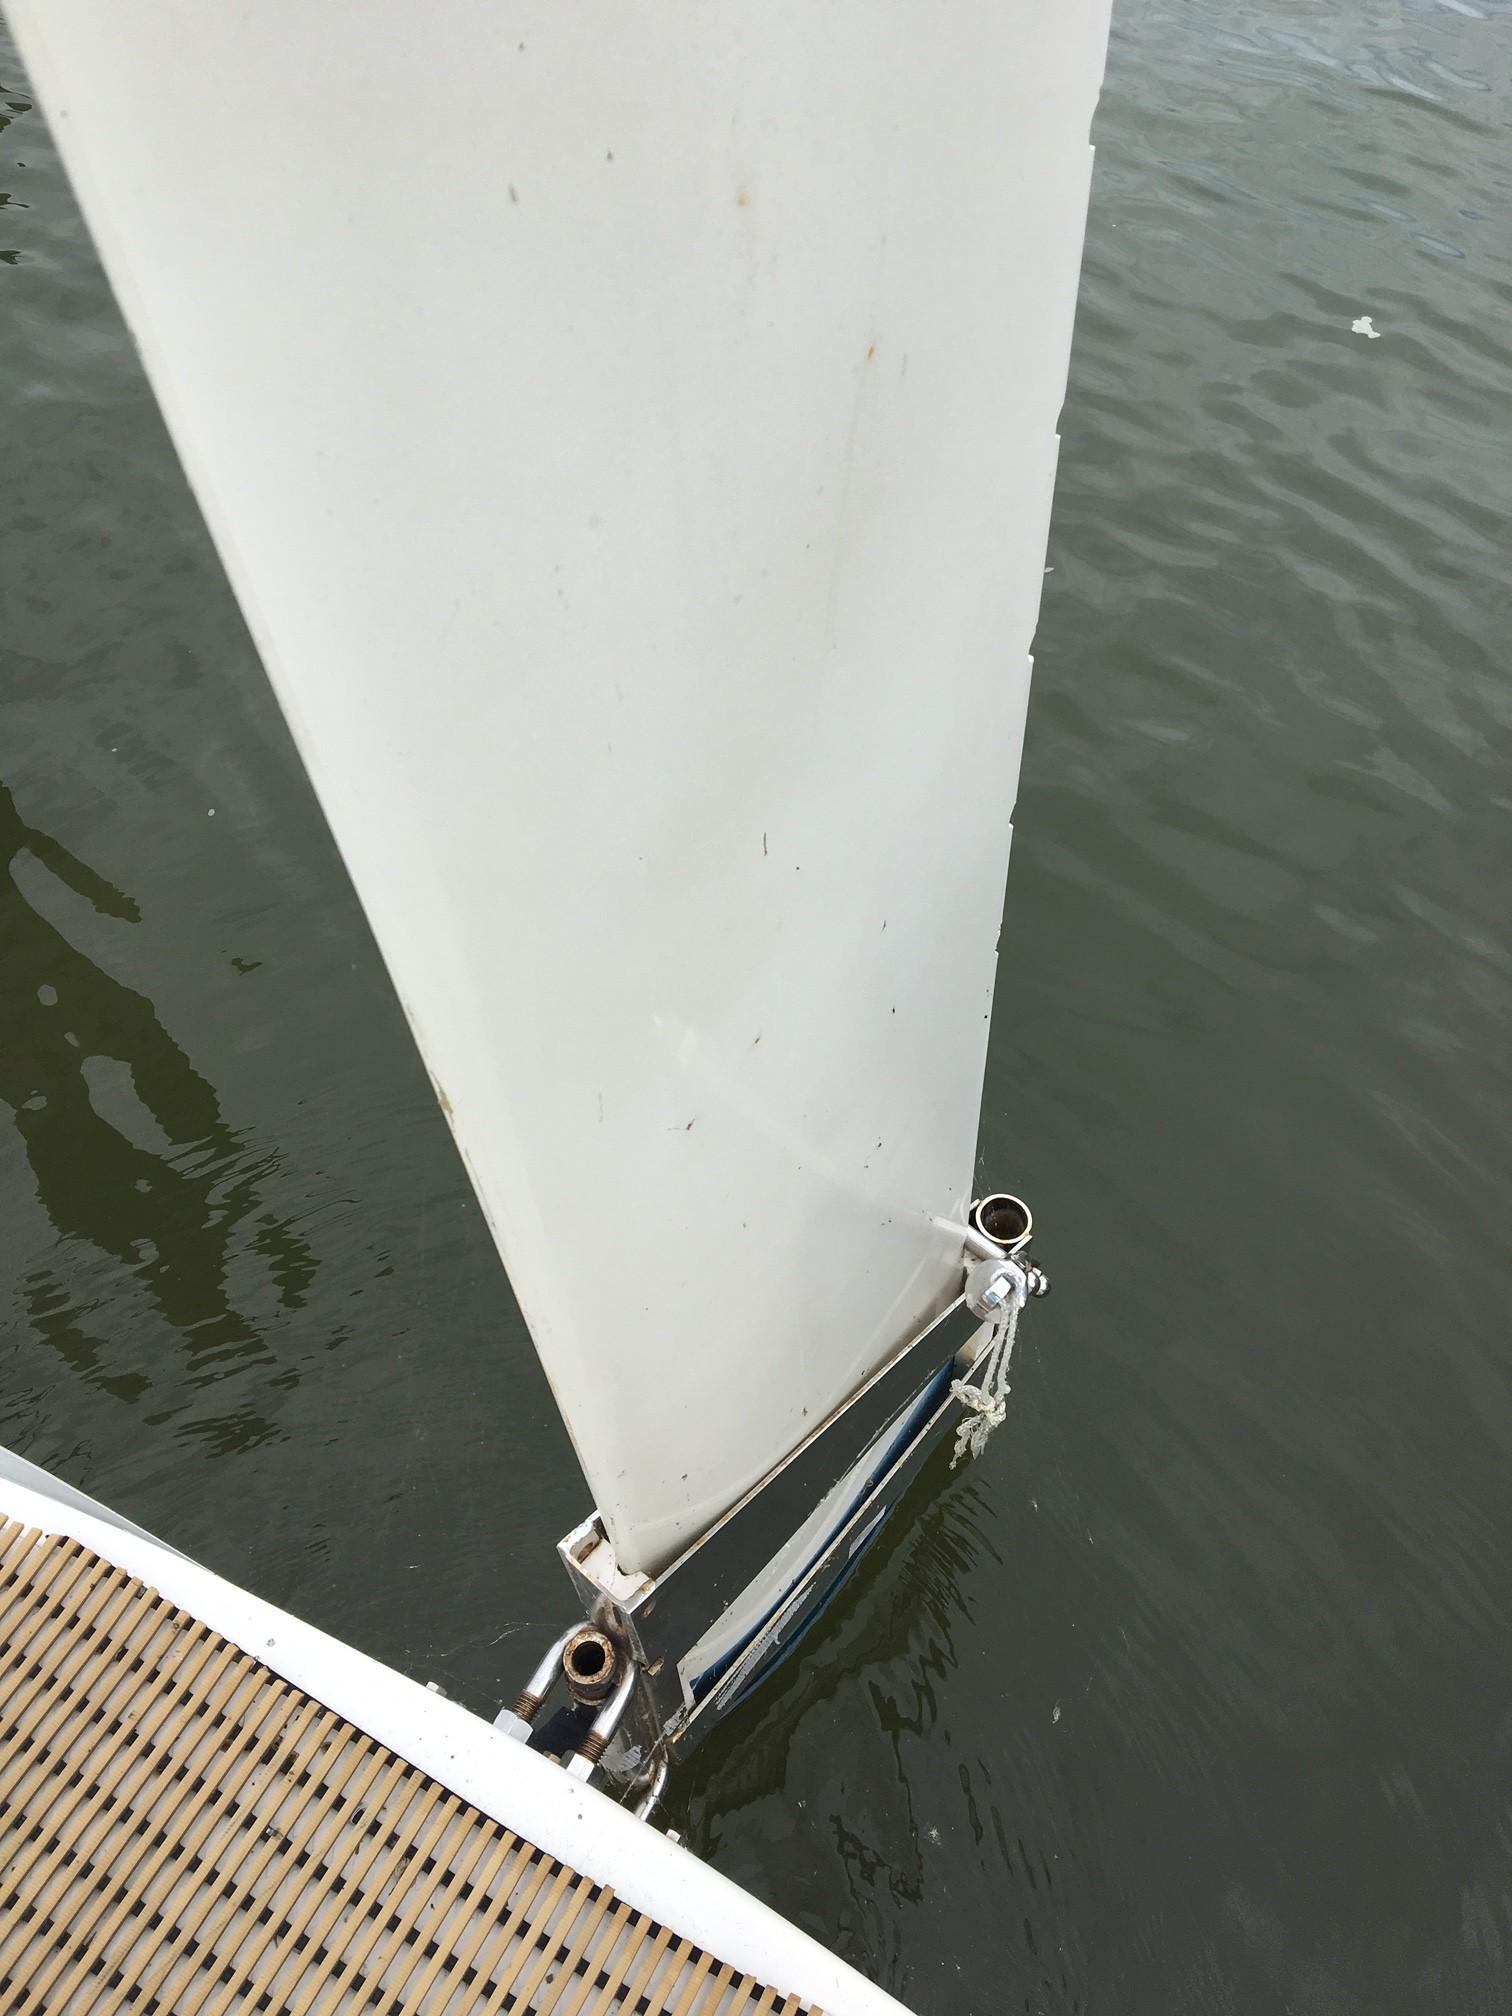 Adjustable depth rudder